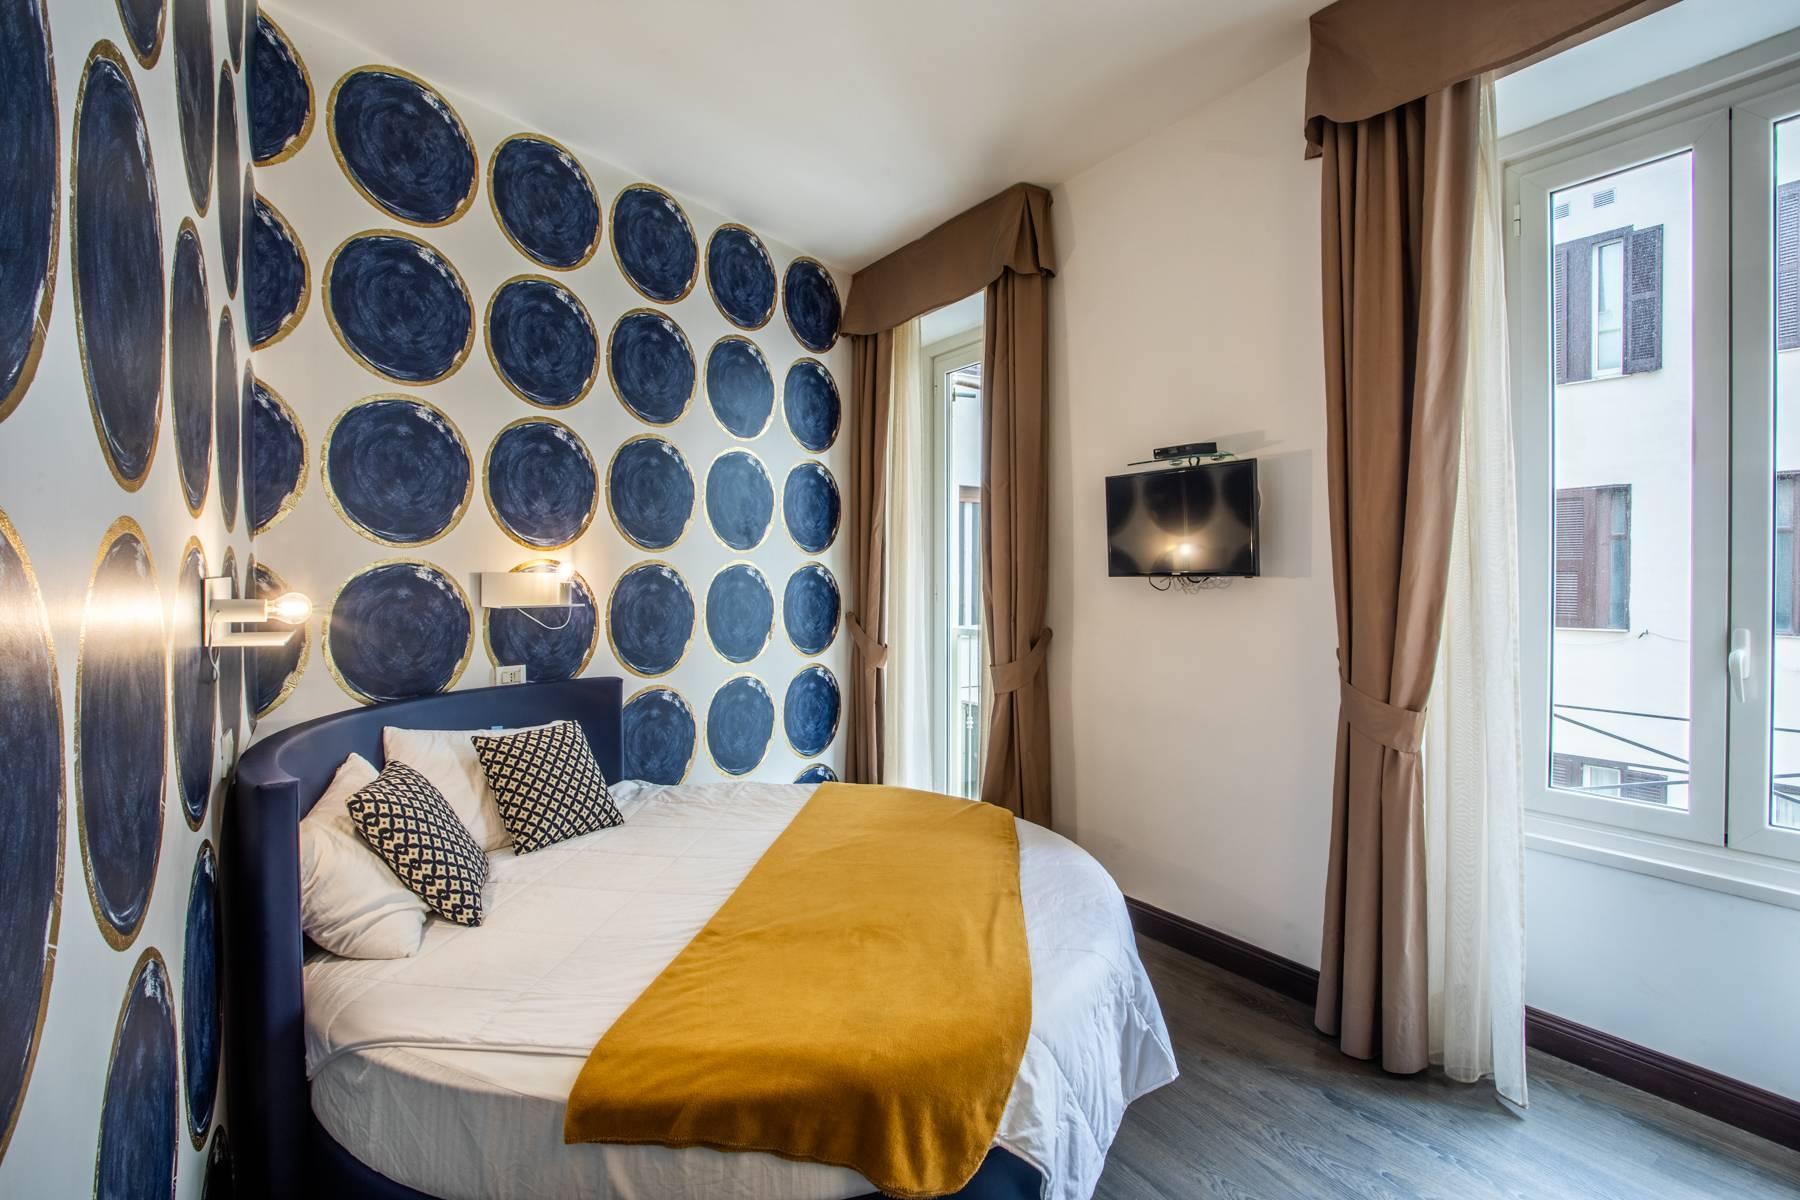 Appartamento dal design moderno a pochi passi da piazza del Popolo - 15